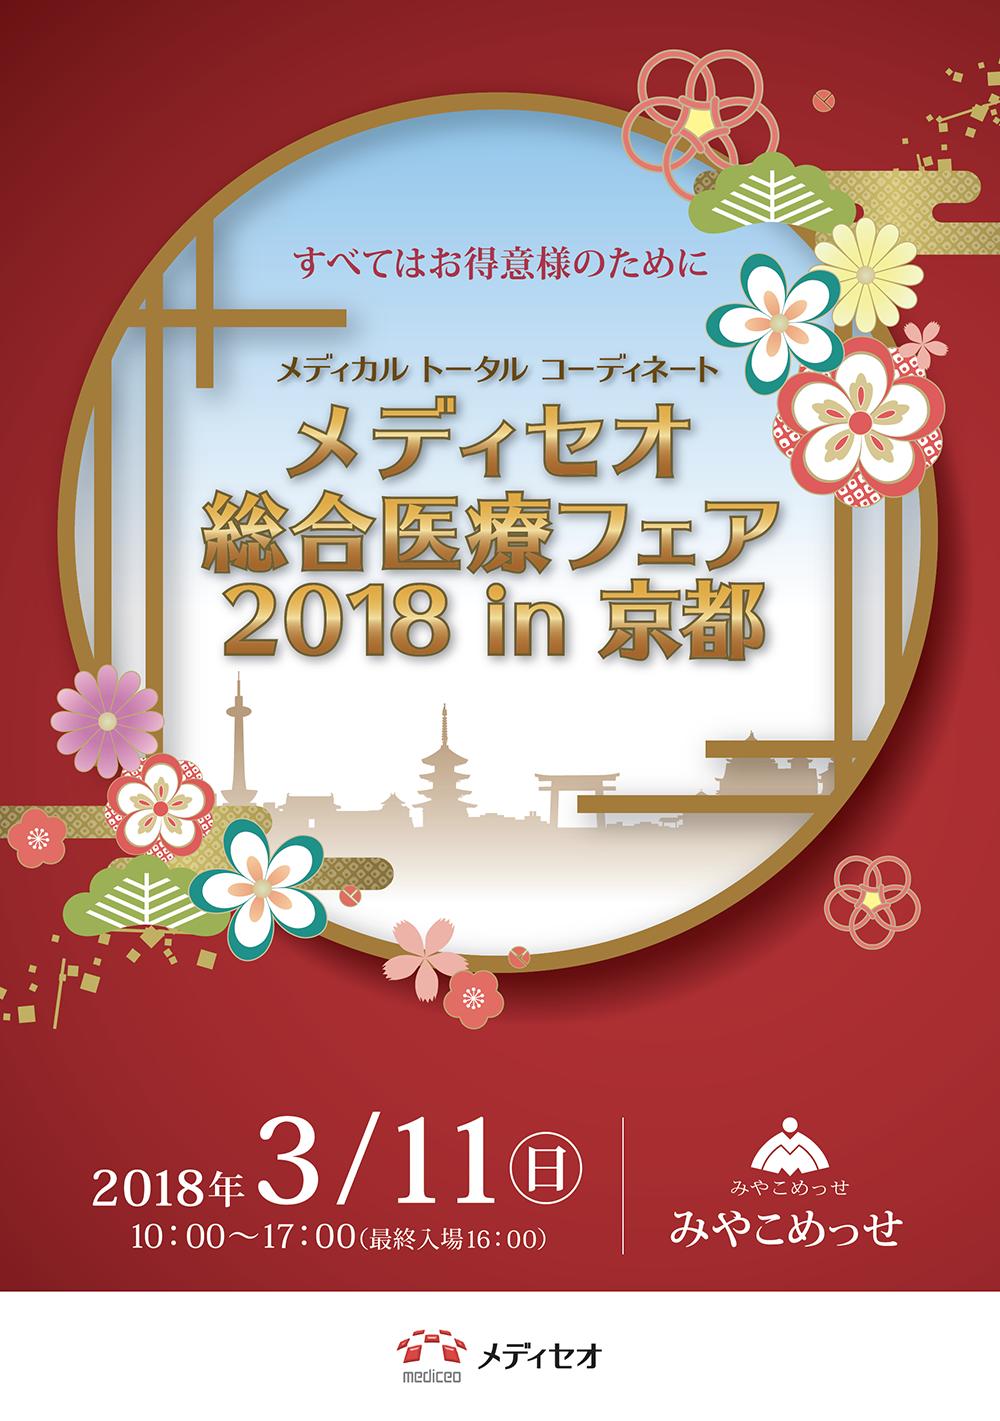 kyoto2018_omote